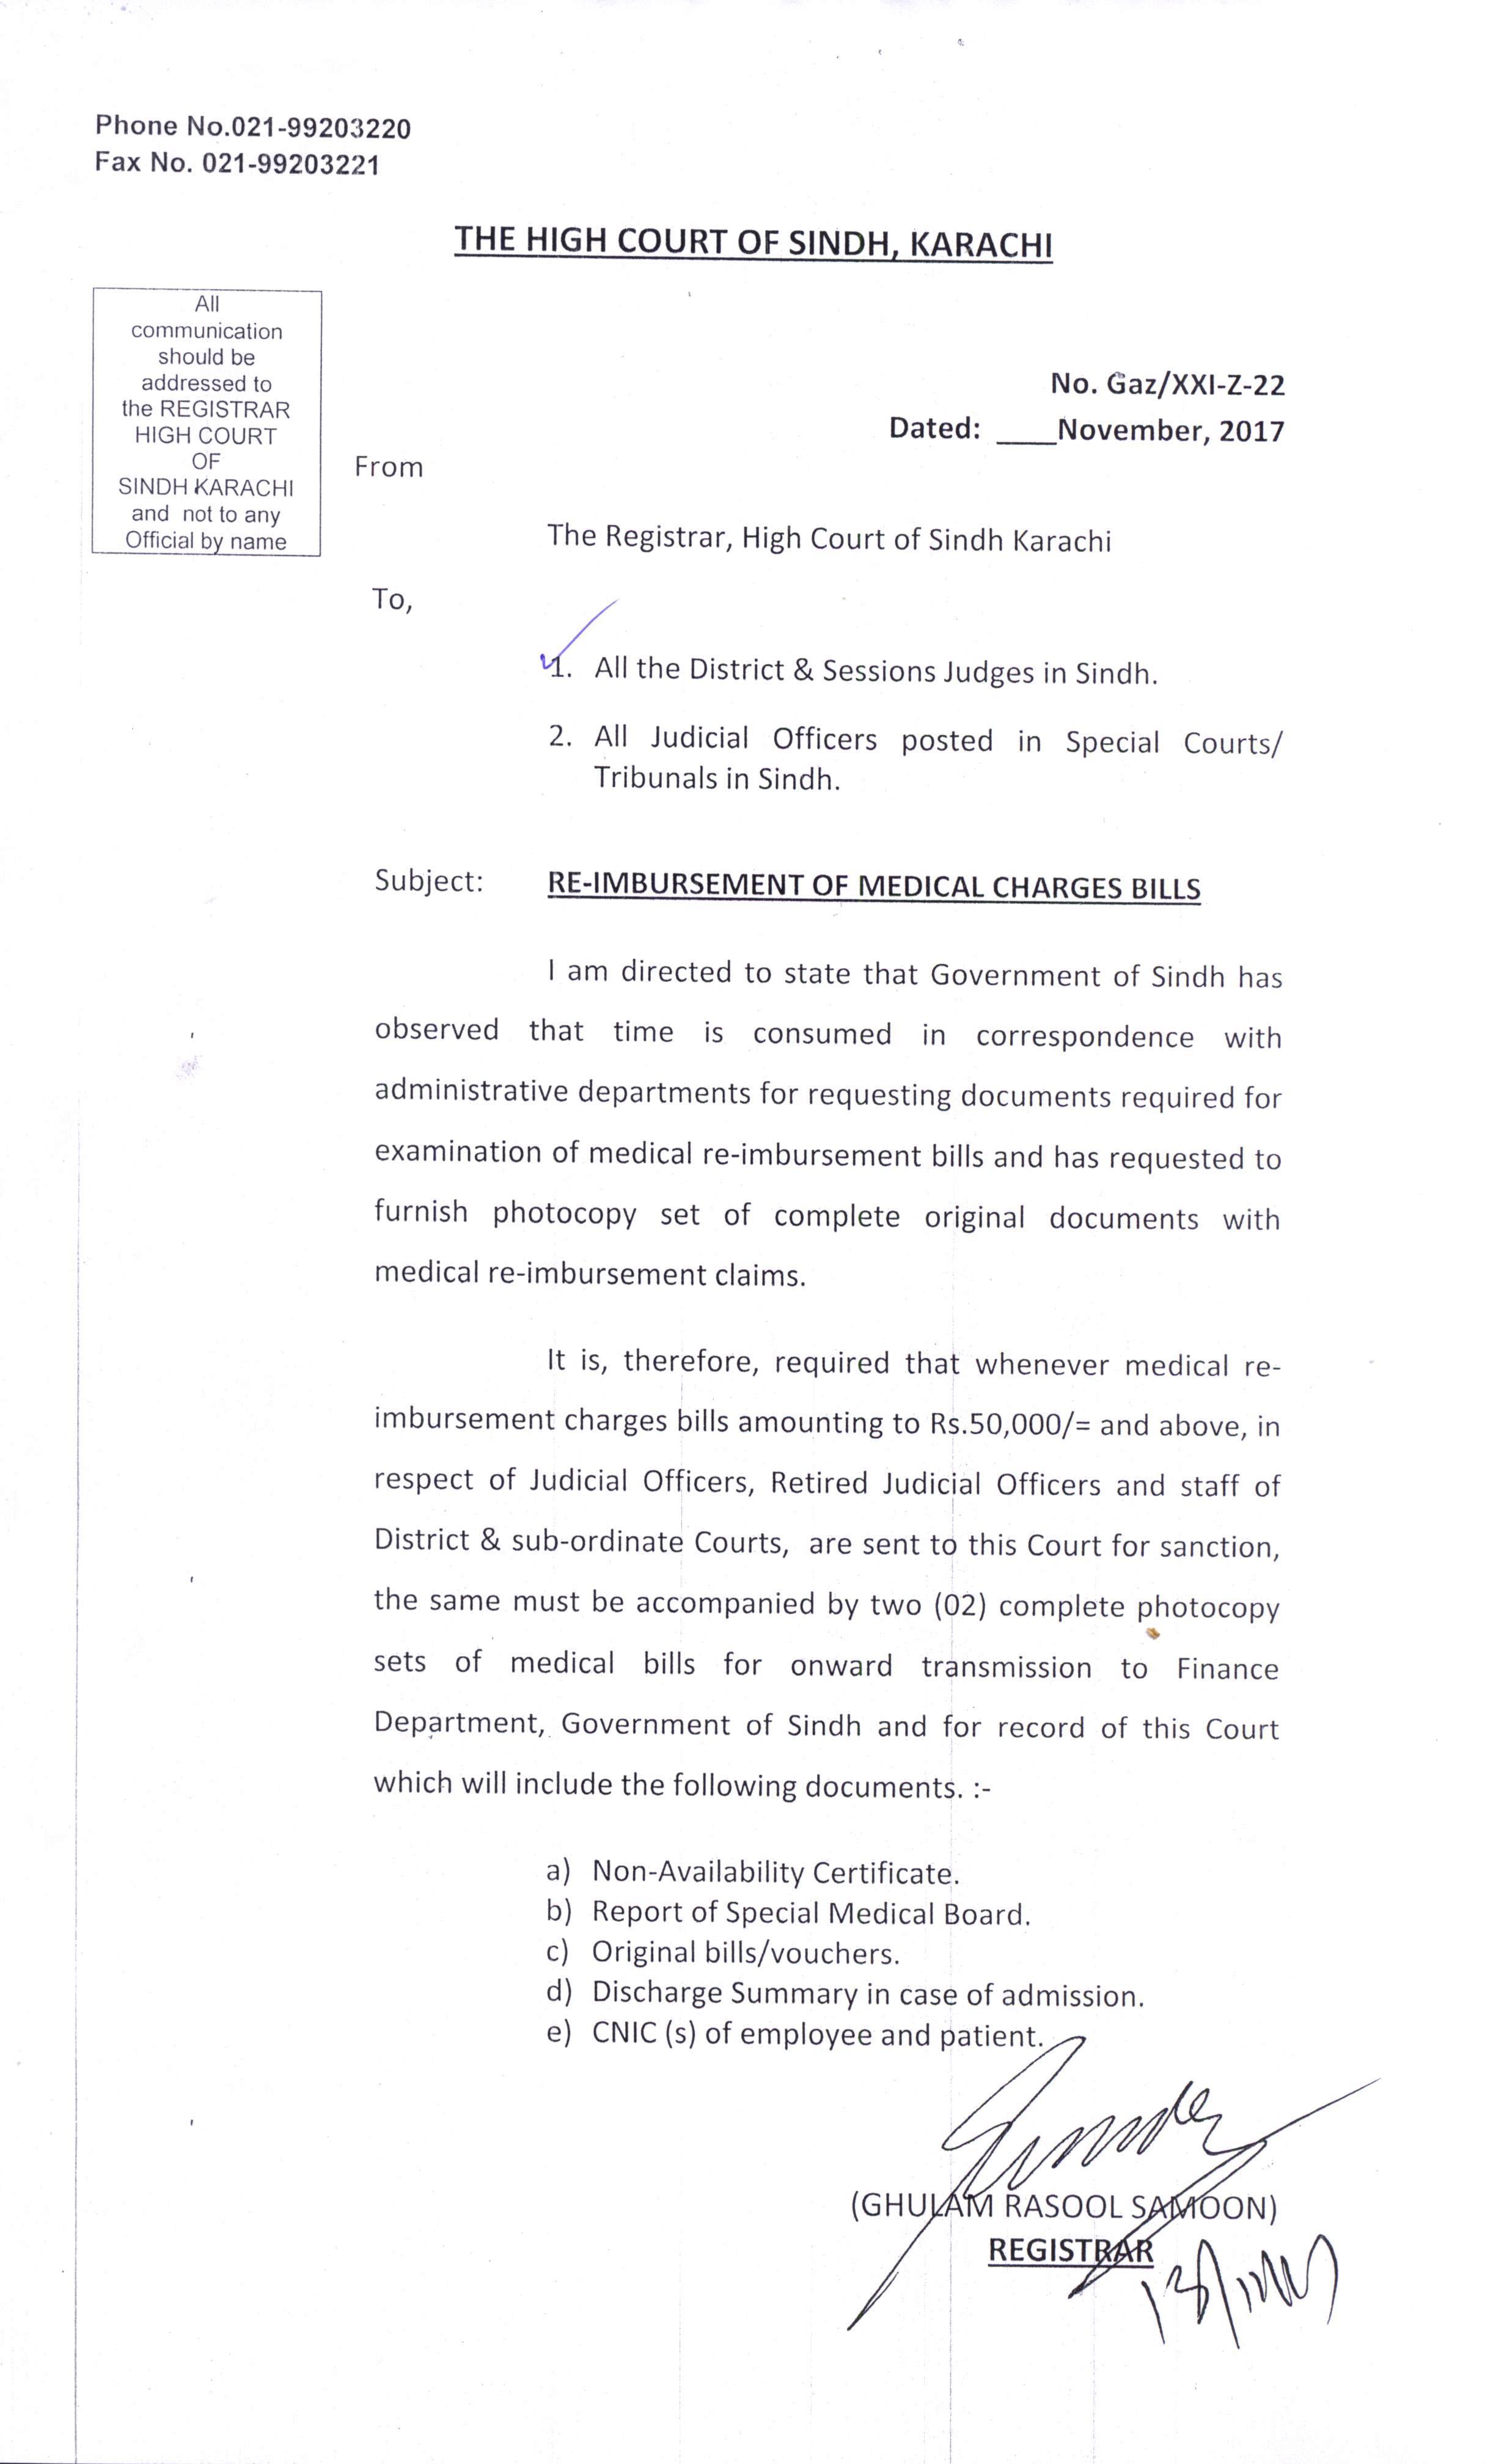 letter dated 13 nov 2017